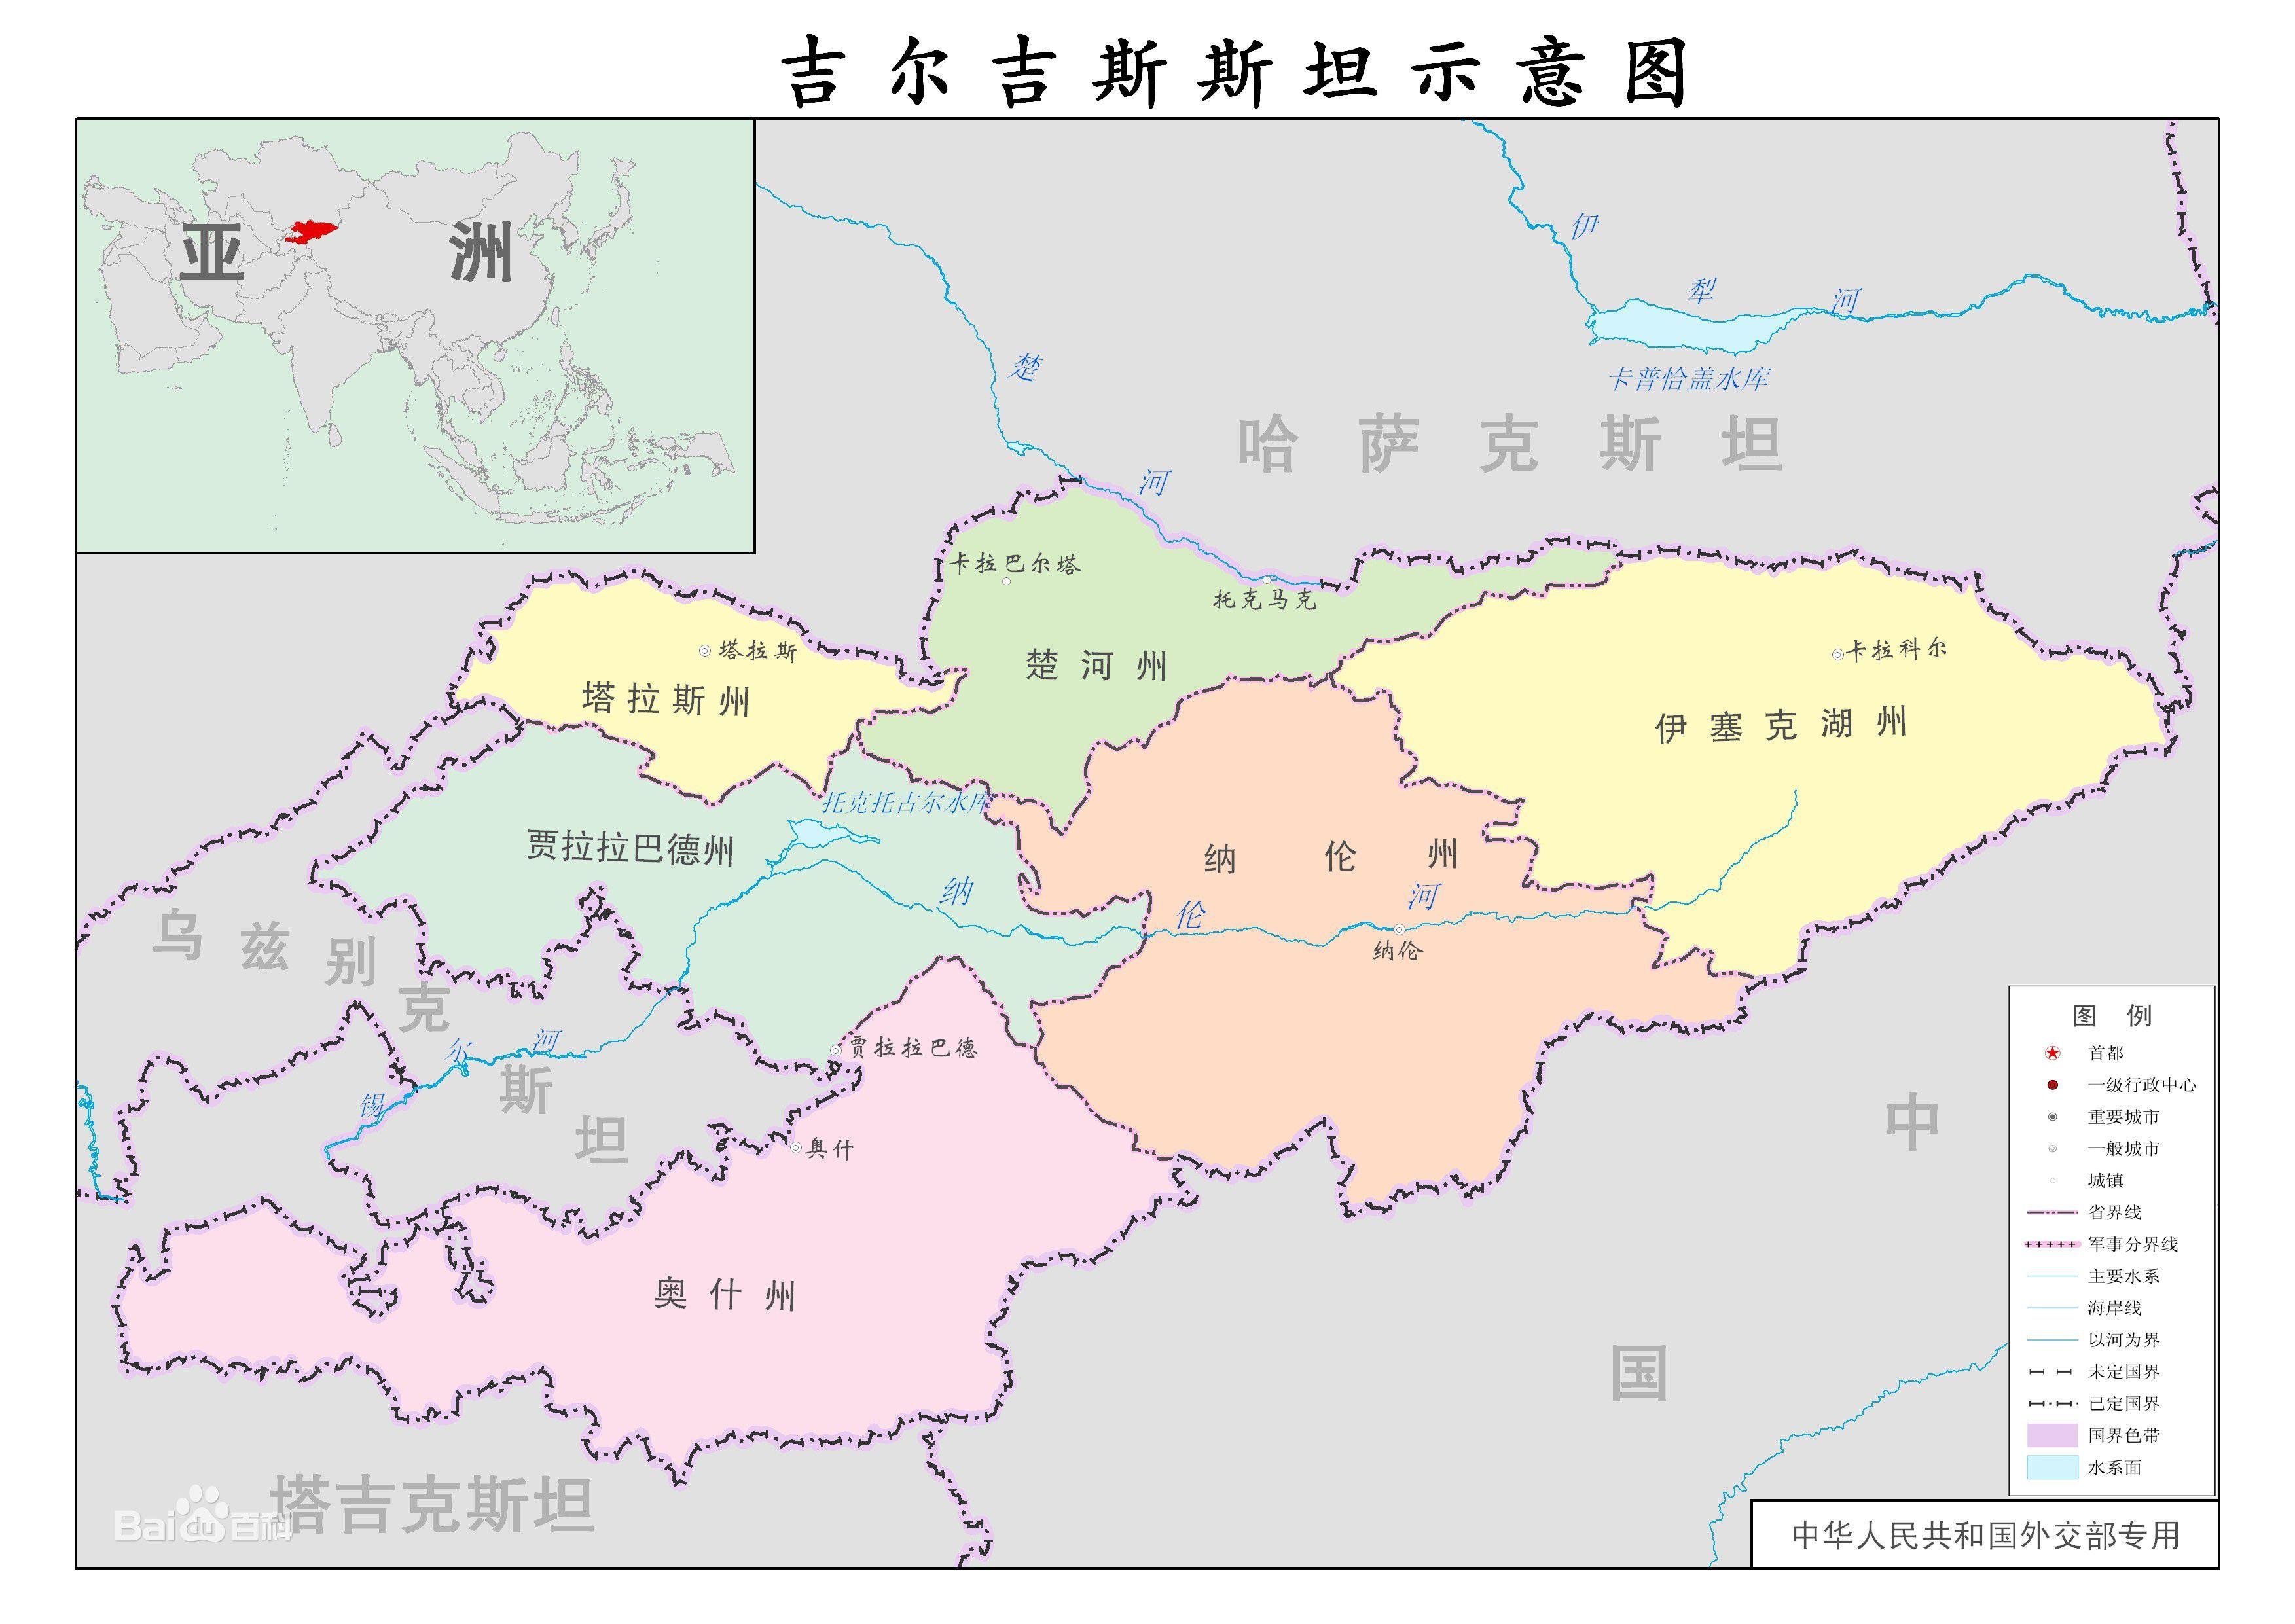 中亚地图_中亚地理地图图片